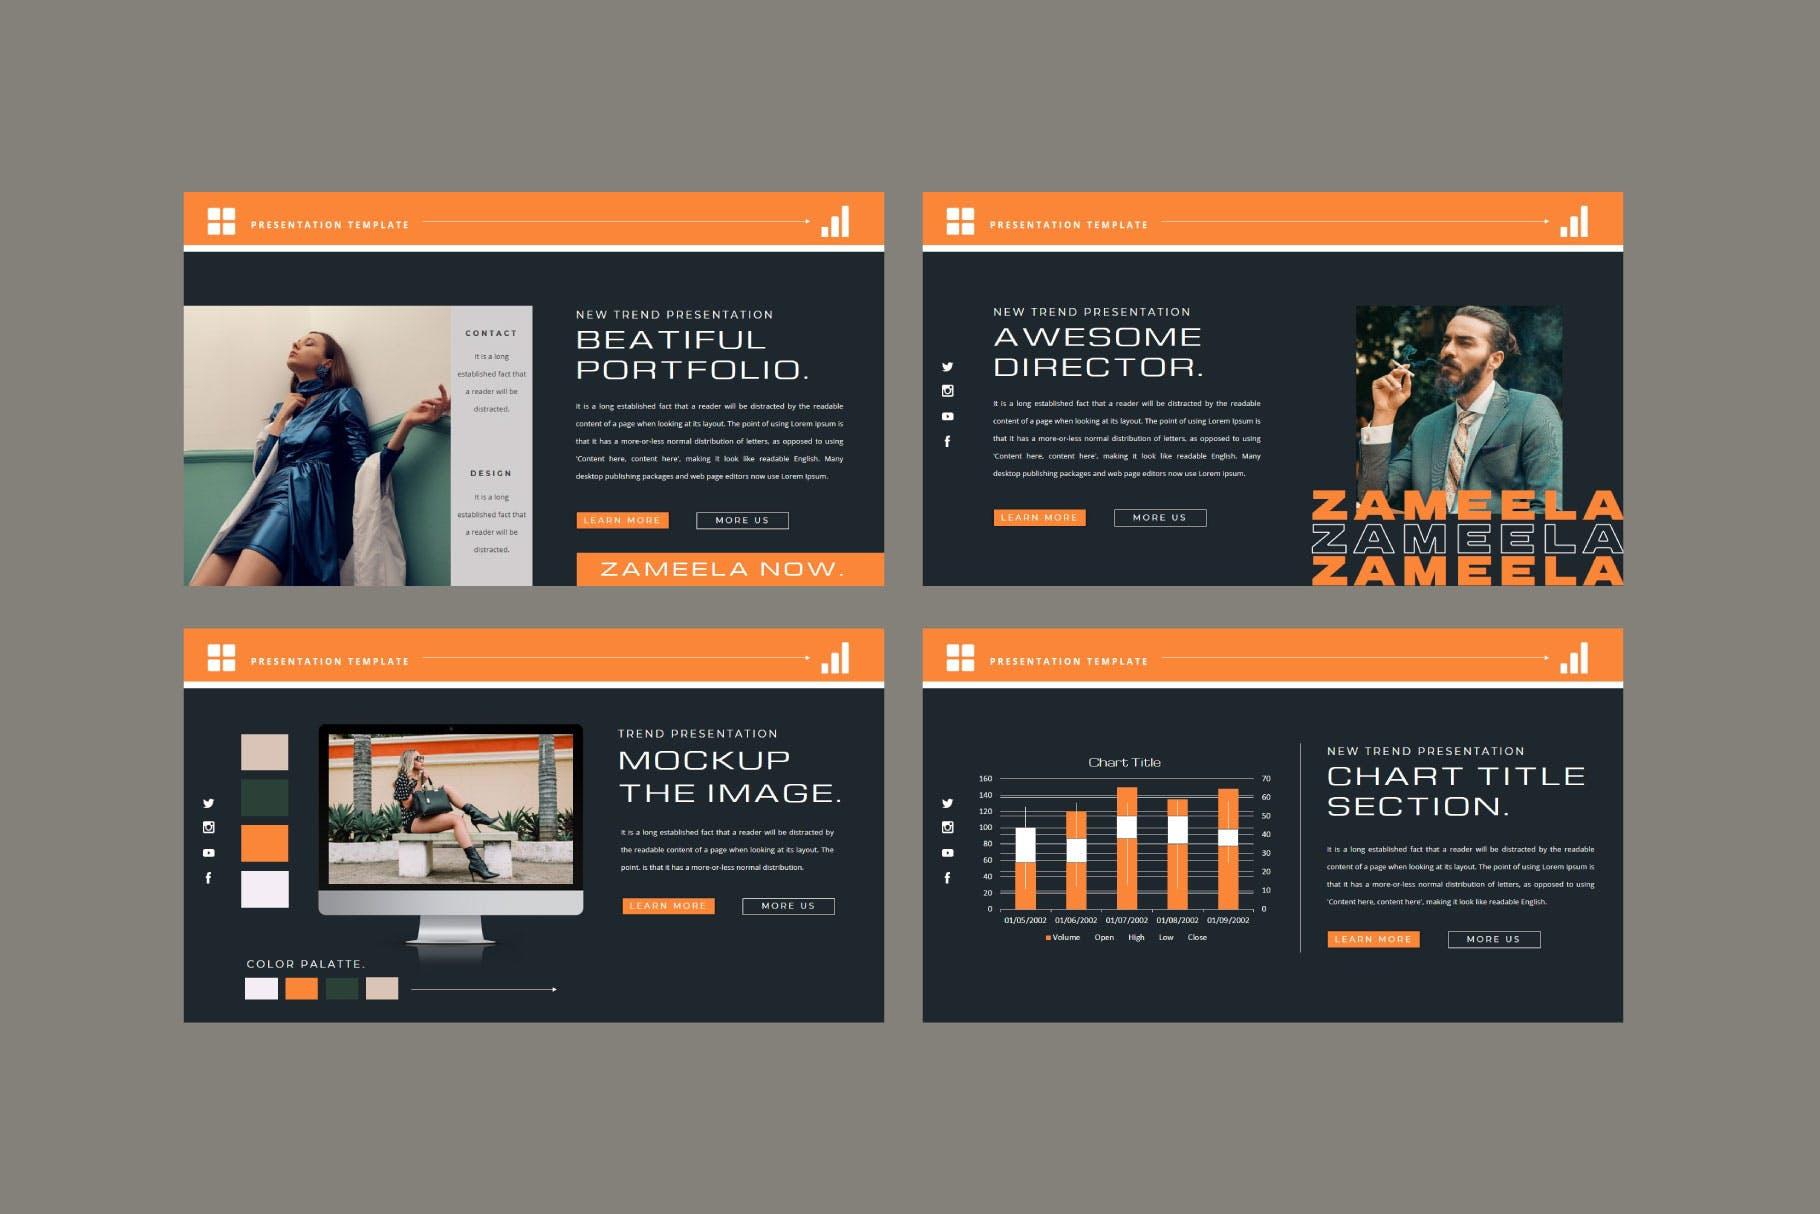 潮流品牌服装摄影作品集演示文稿设计模板 ZAMEELA Powerpoint Template插图5